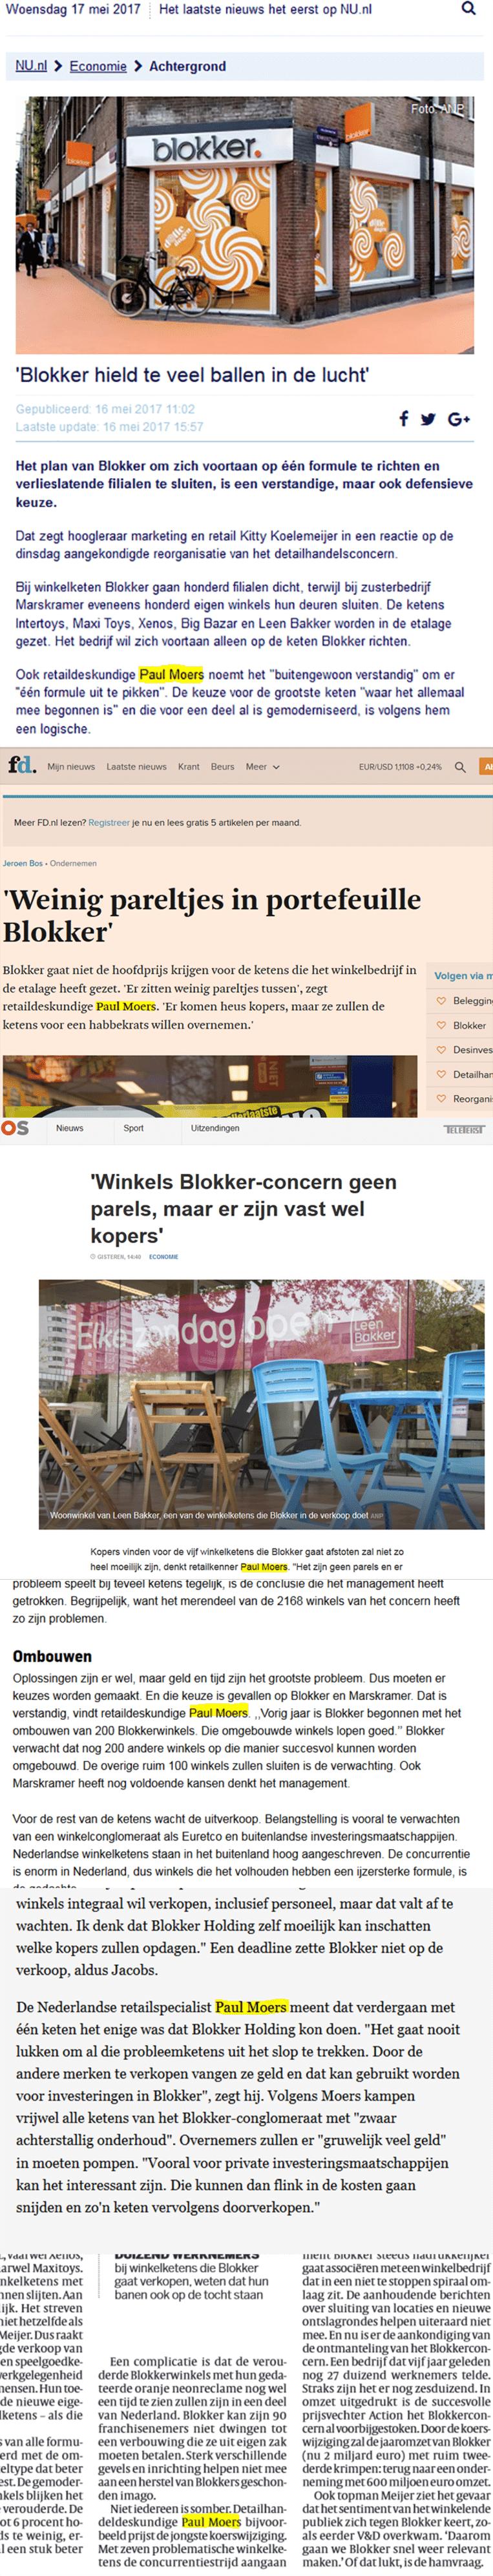 Moers op Nu.nl, in het Financieele Dagblad, bij de NOS, in het AD, in de Belgische krant De Morgen en in de Volkskrant. Beeld .